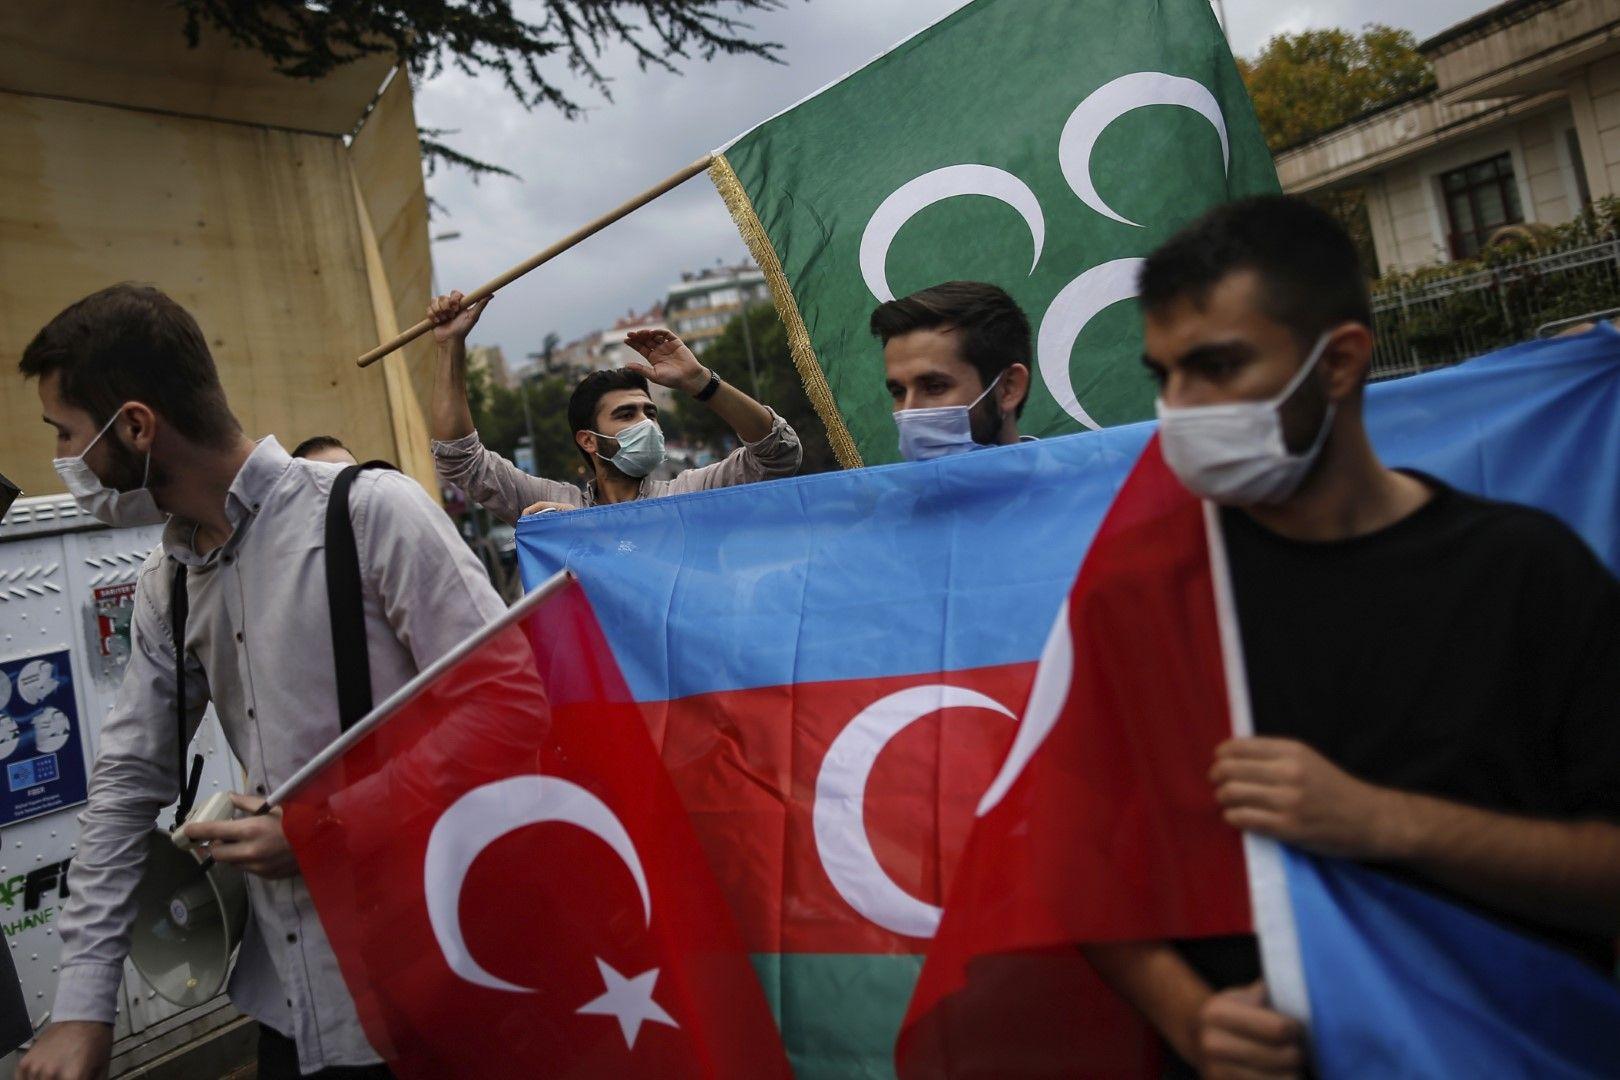 Младежкото крило (Турска младежка фондация) на управляващата в Турция Партията на справедливостта и развитието протестива в Истанбул подкрепа на Азербайджан, 29 септември